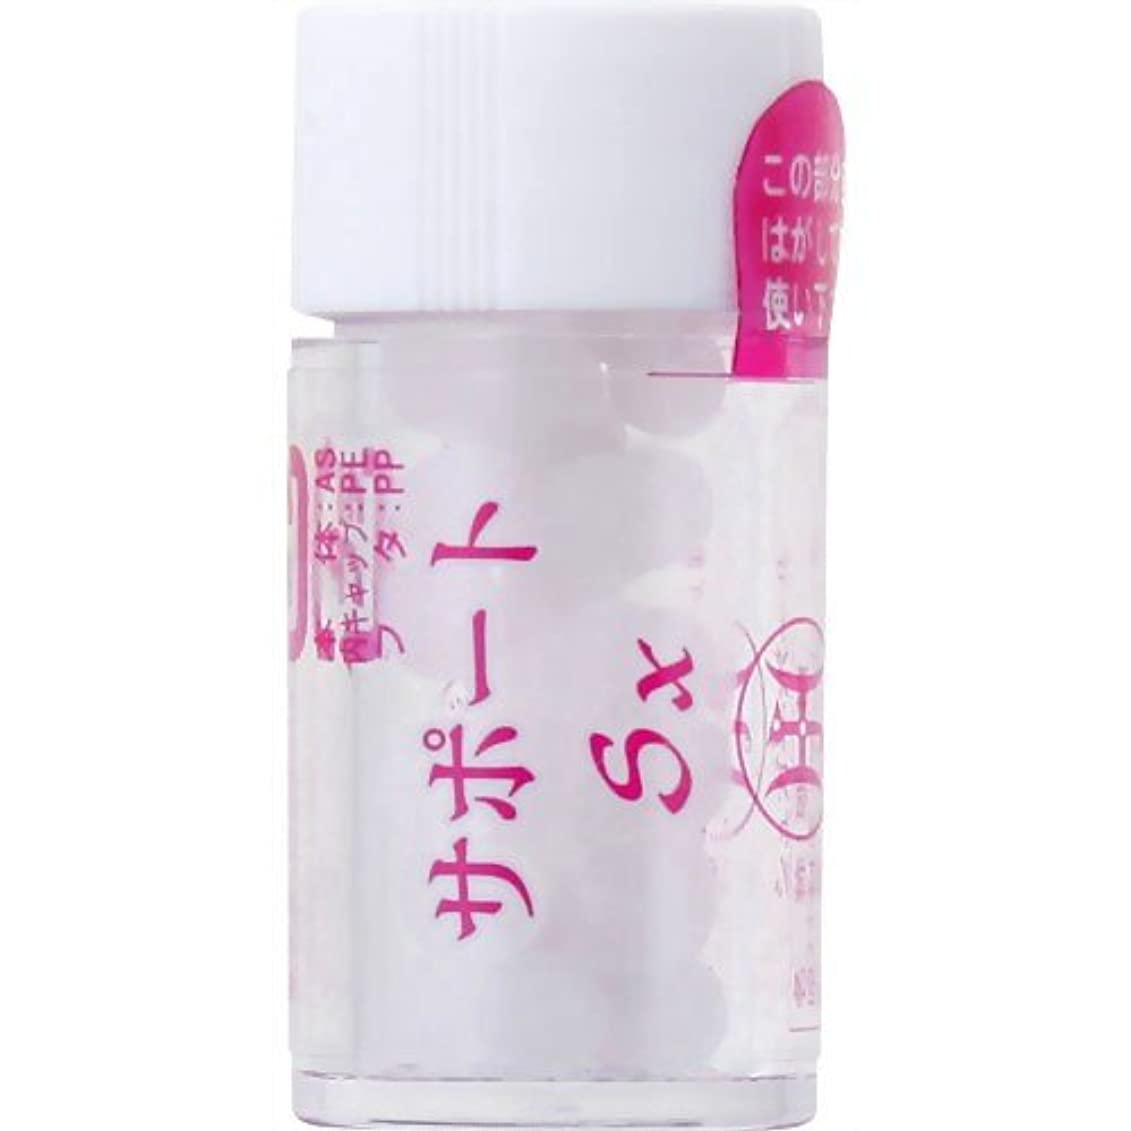 悲観的刺激する方向ホメオパシージャパンレメディー サポートSx(小ビン)